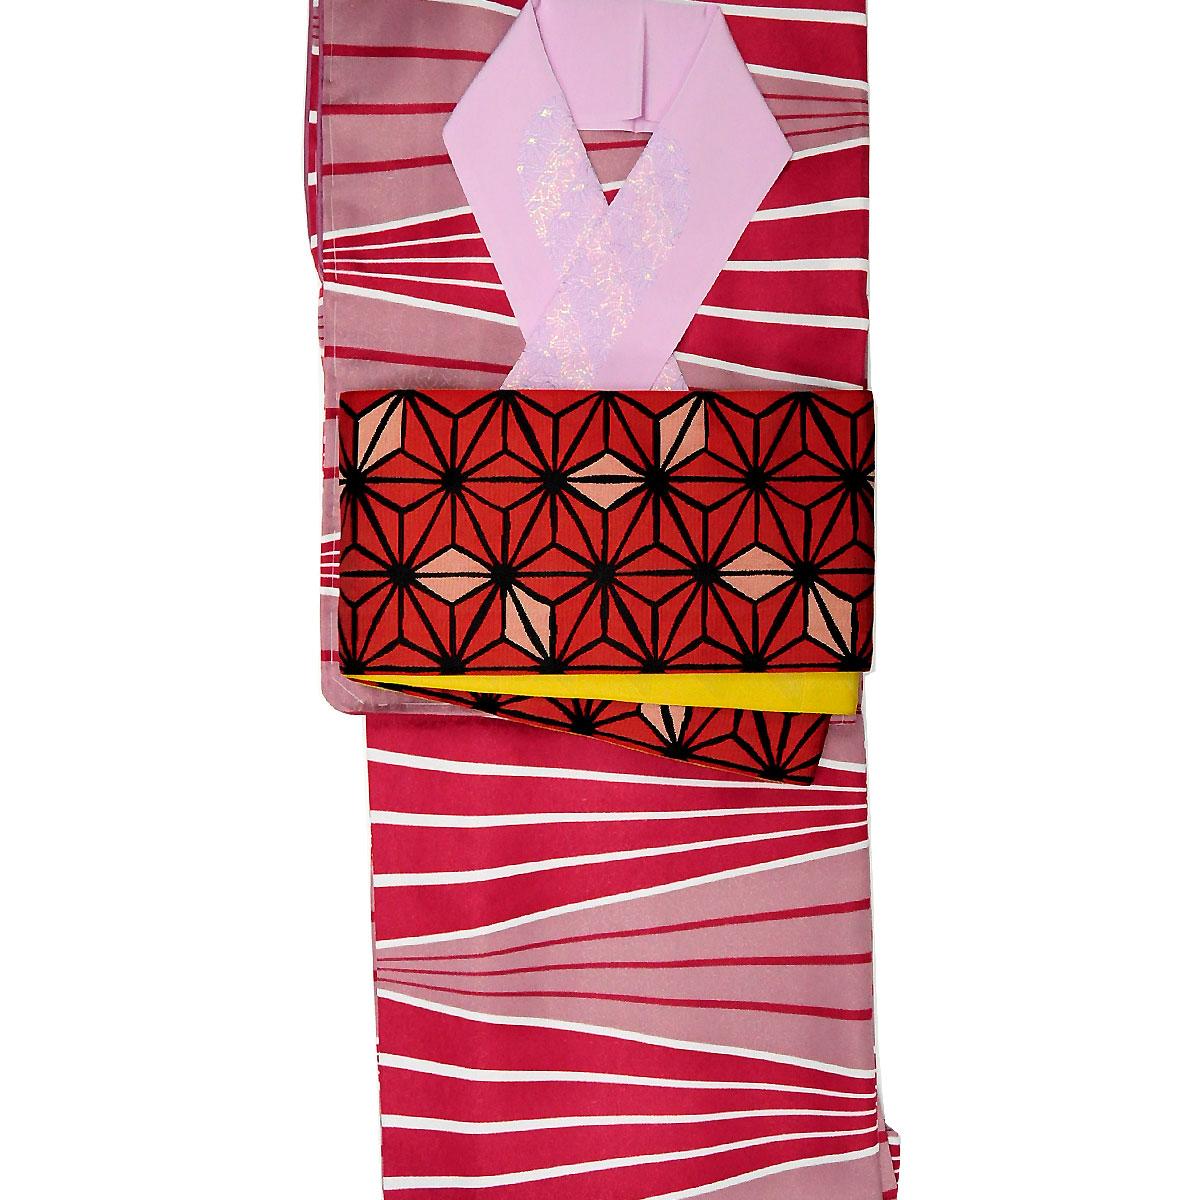 《30%オフクーポン利用可》お買い物マラソン【M寸】【hiromichi nakano】洗える着物【袷】セット洗える着物+細帯+ラメ刺繍半衿番号c1101-122